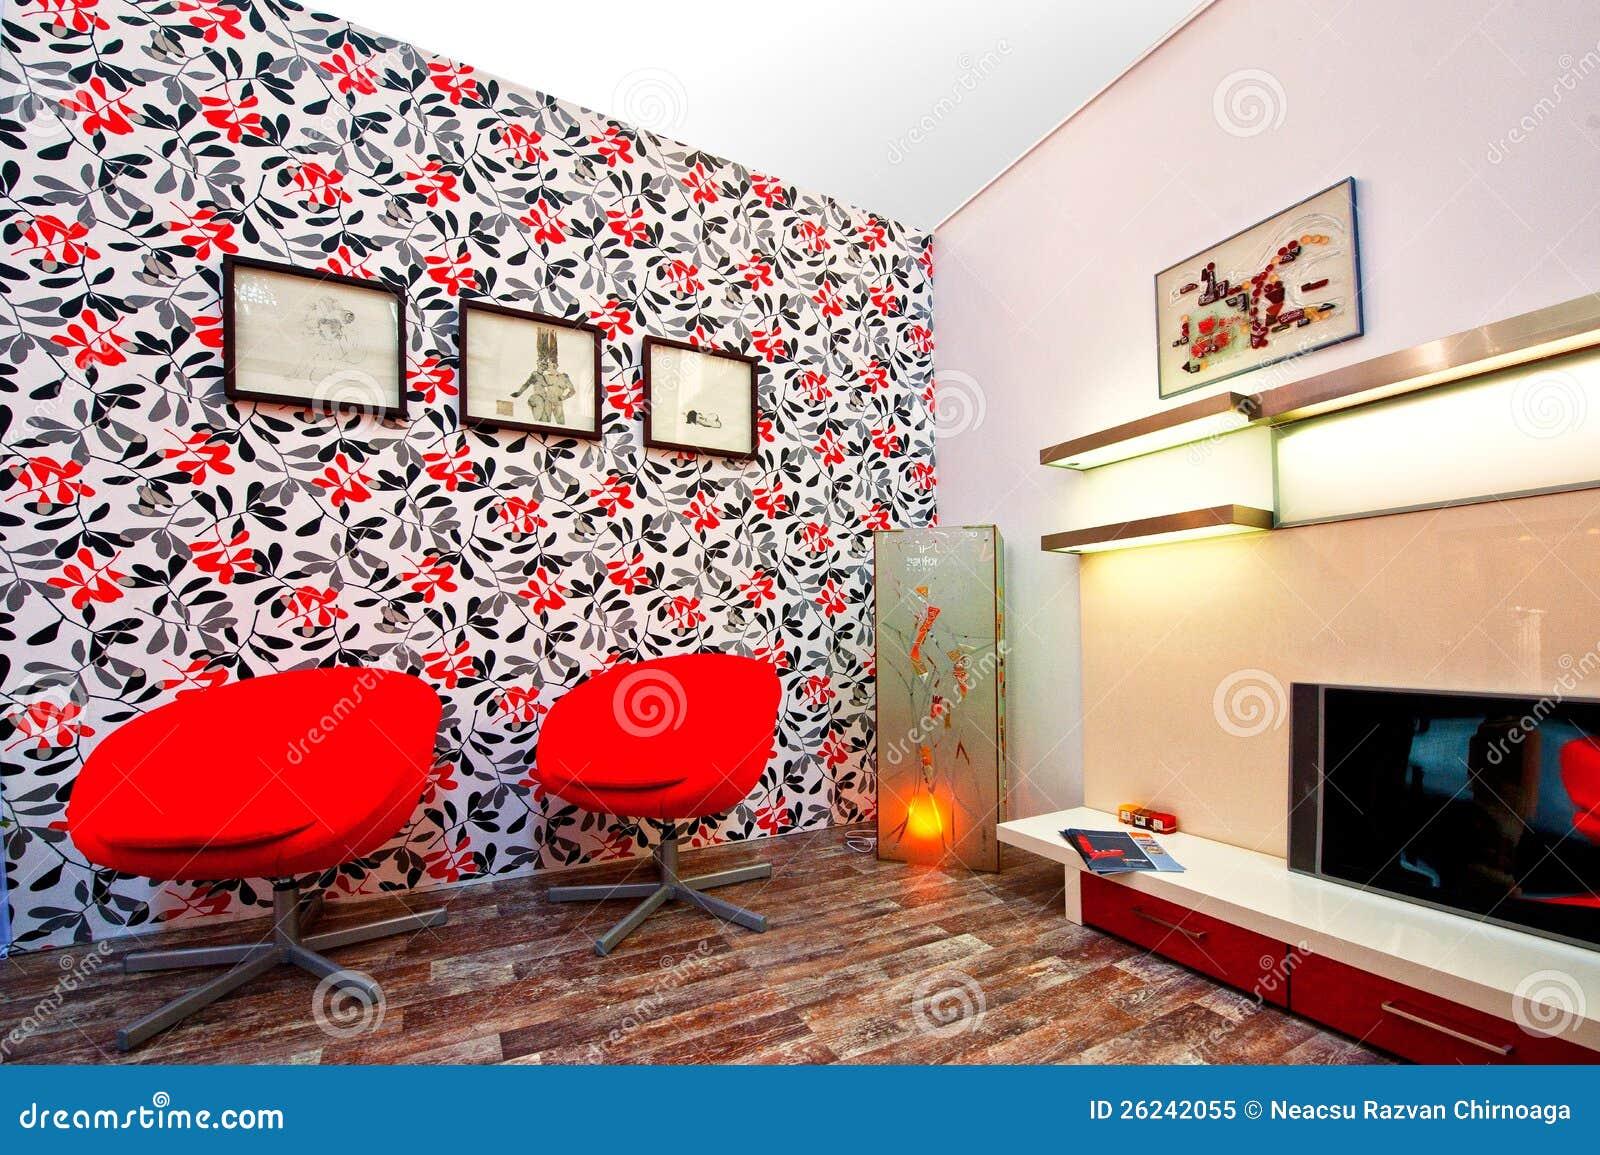 Dise O De Interiores Imagen Editorial Imagen De Almohadilla  # Muebles Rumanos